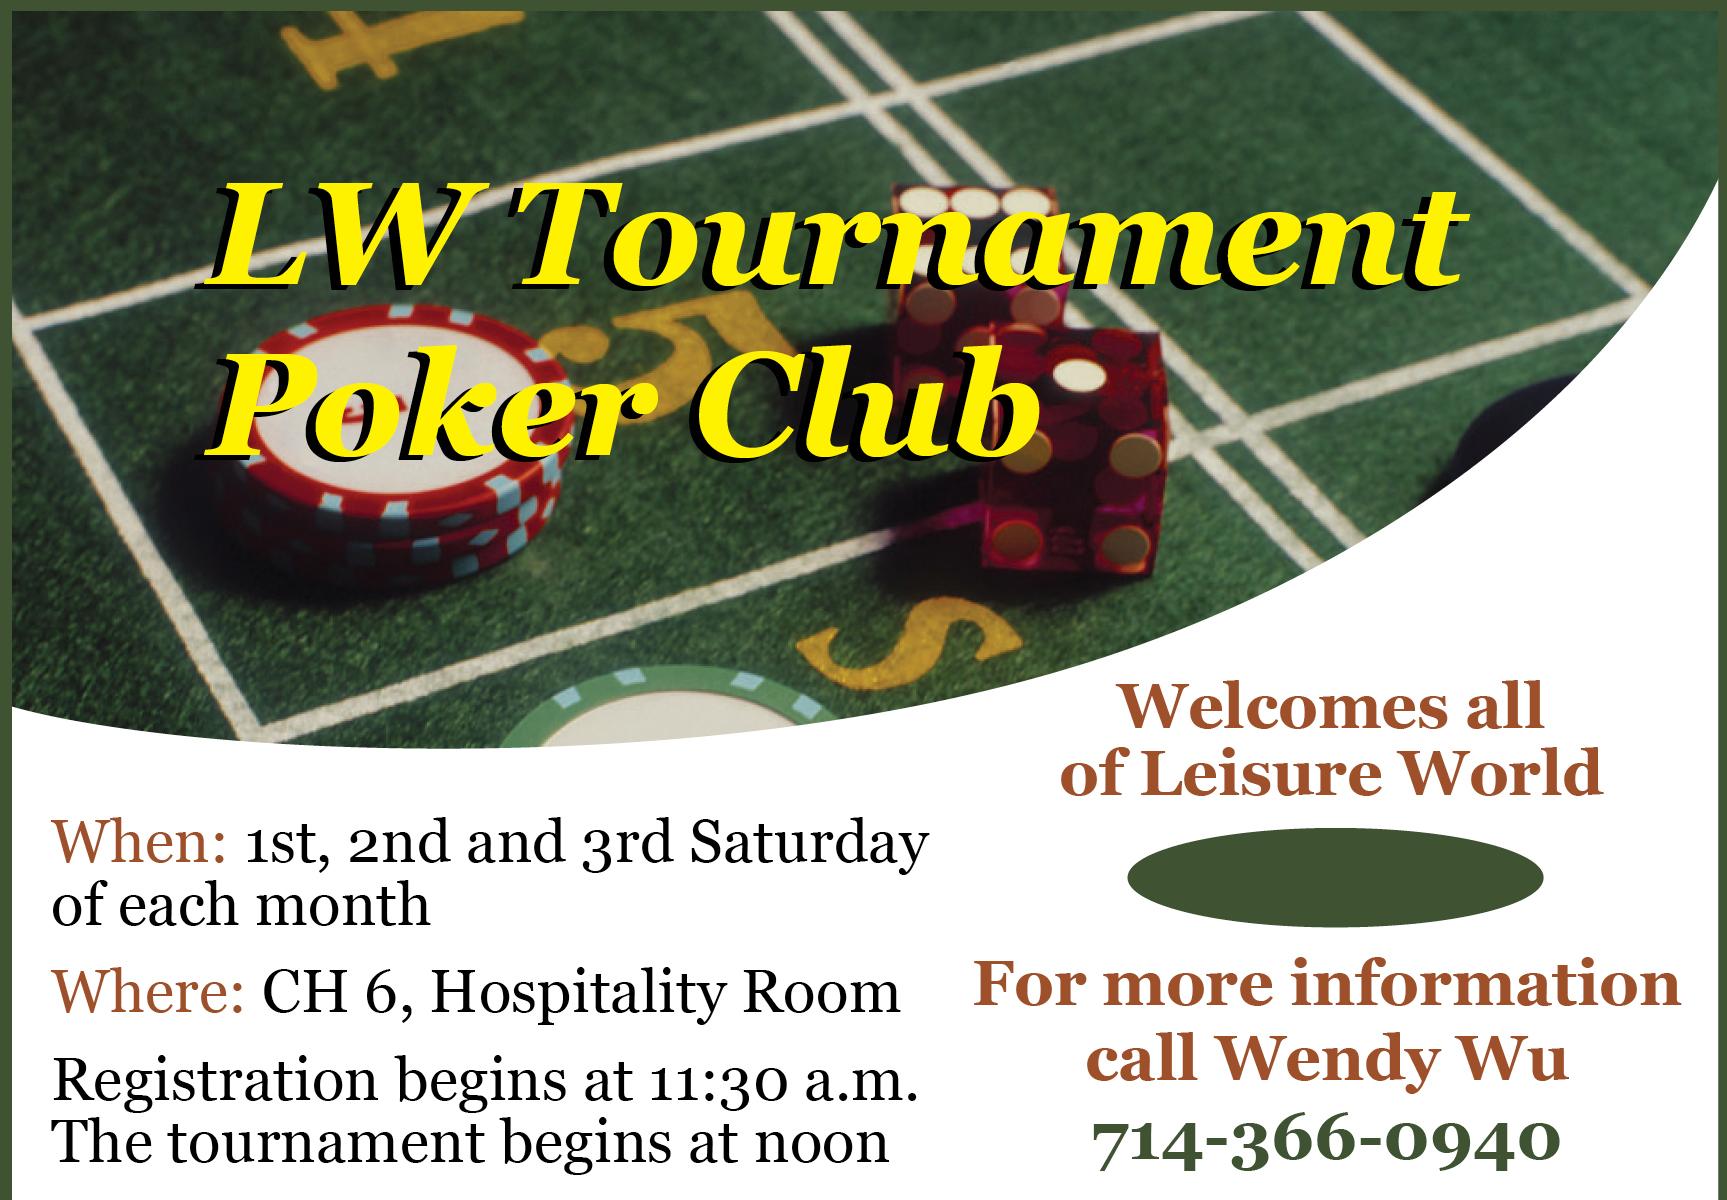 LW Poker Club